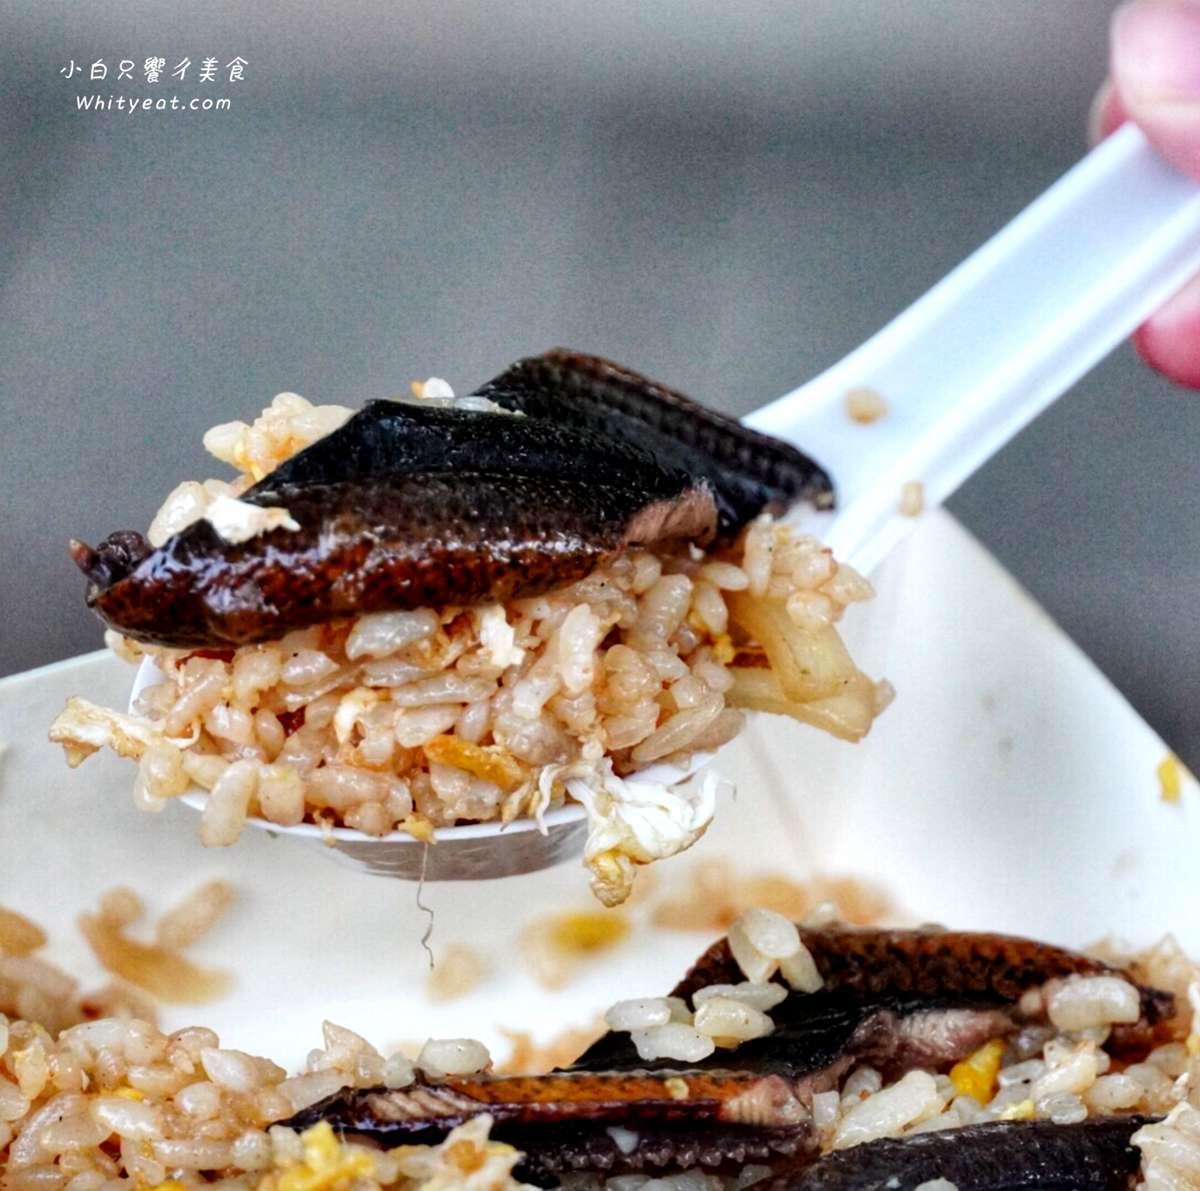 炒飯也有痛風版!5隻新鮮小卷躺在金黃飯粒上,50種口味還有隱藏版龍蝦炒飯